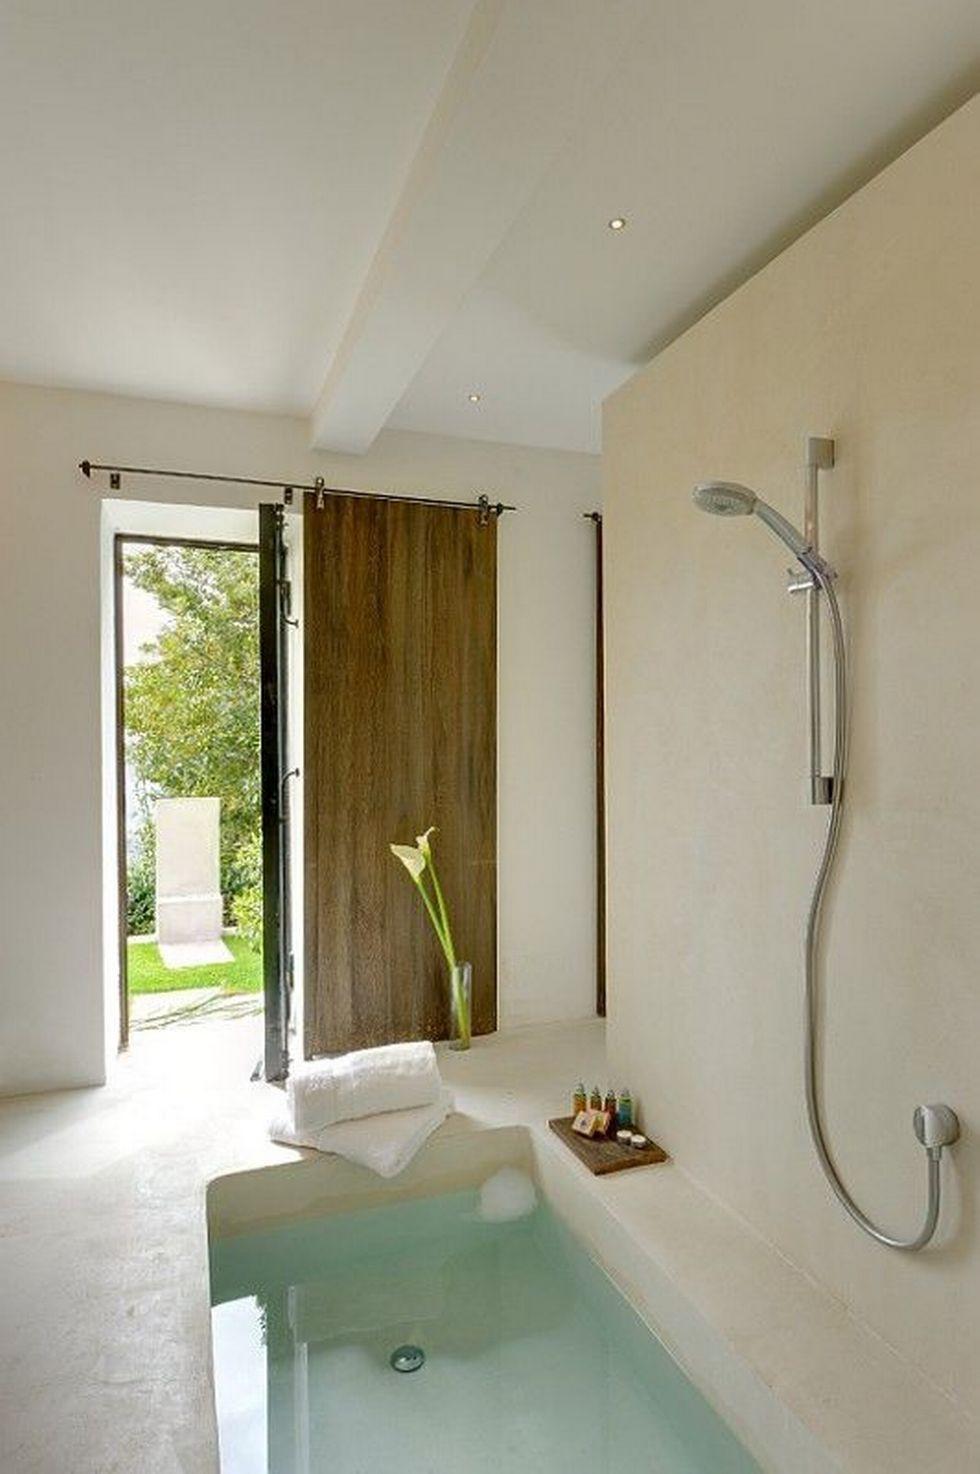 Phòng tắm đơn giản và tự nhiên bằng bê tông và đá, với bồn tắm trũng và cửa trượt để hít thở không khí trong lành